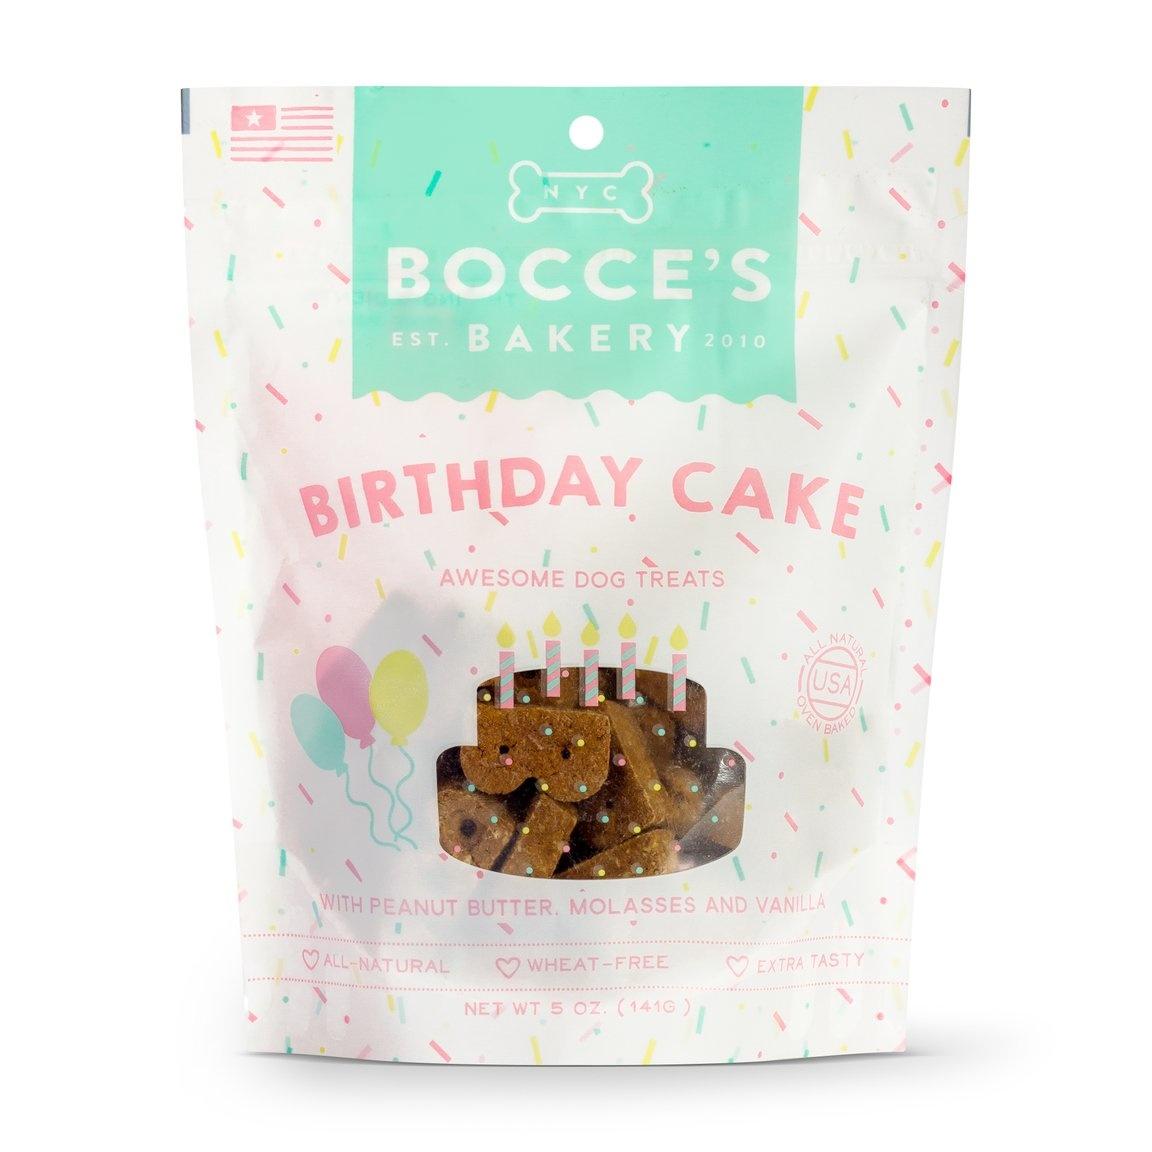 Bocce's Bakery Bocce's Bakery Seasonal Birthday Cake 5 oz Bag Product Image